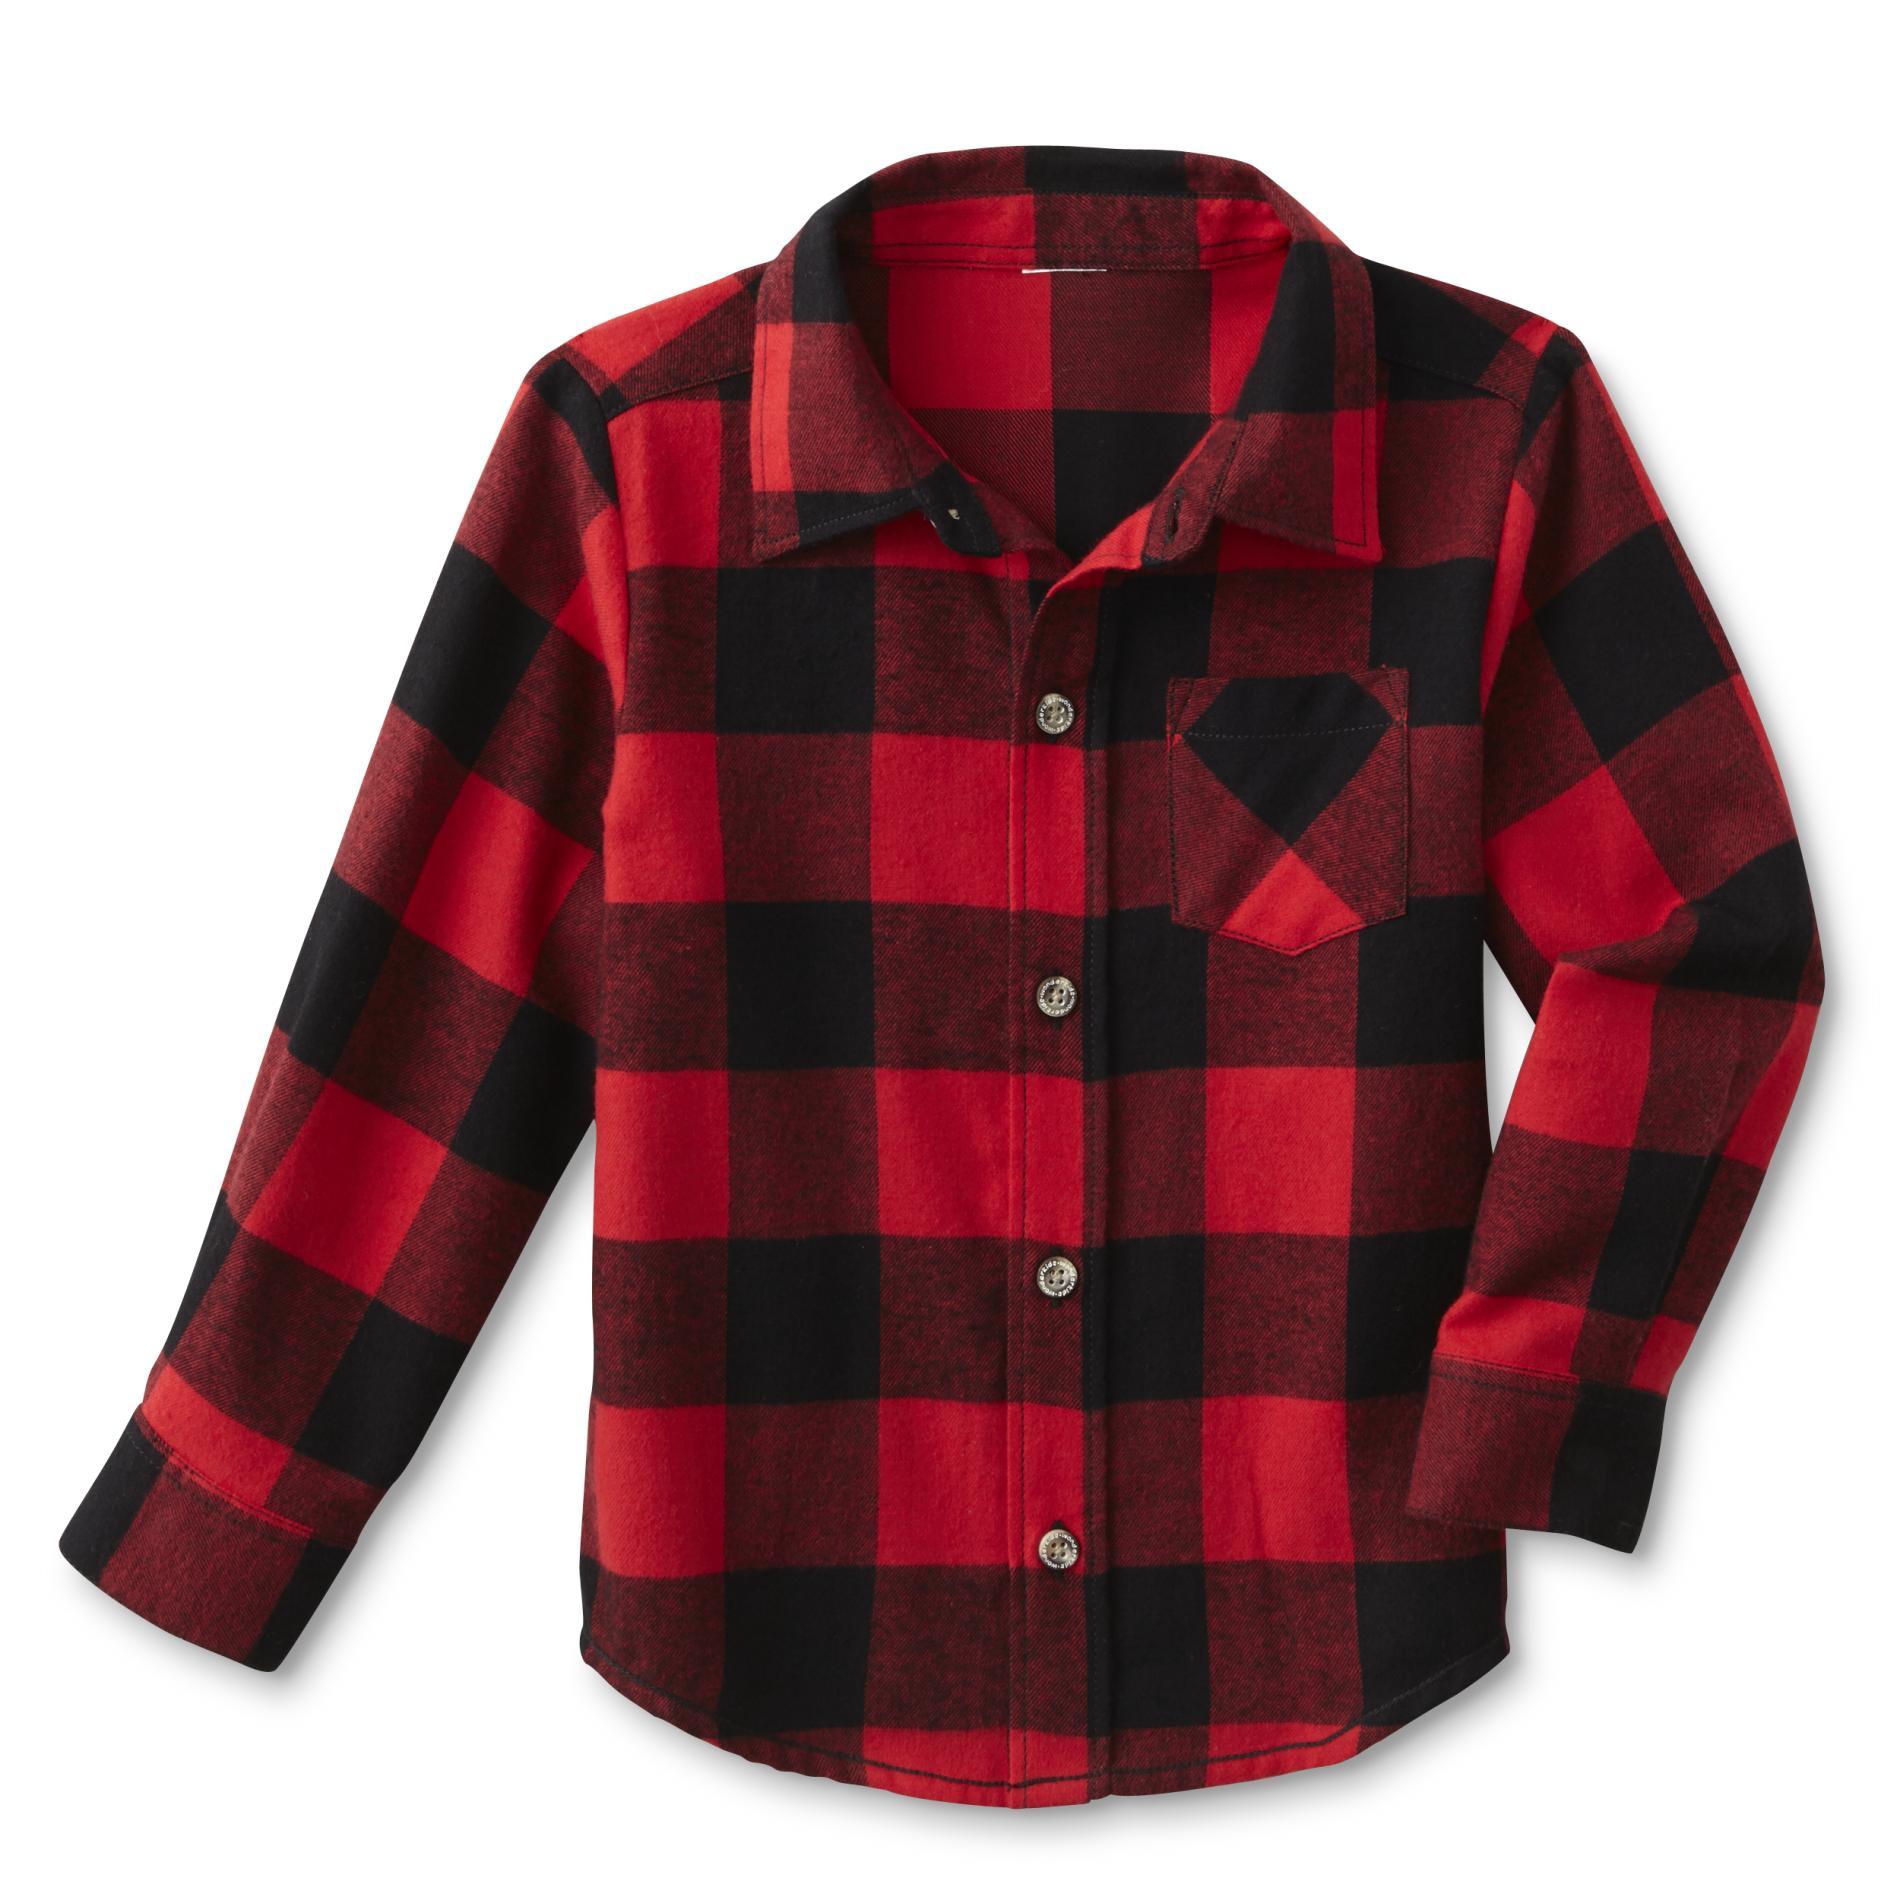 Wonderkids Infant & Toddler Boy' Flannel Shirt - Plaid Kmart